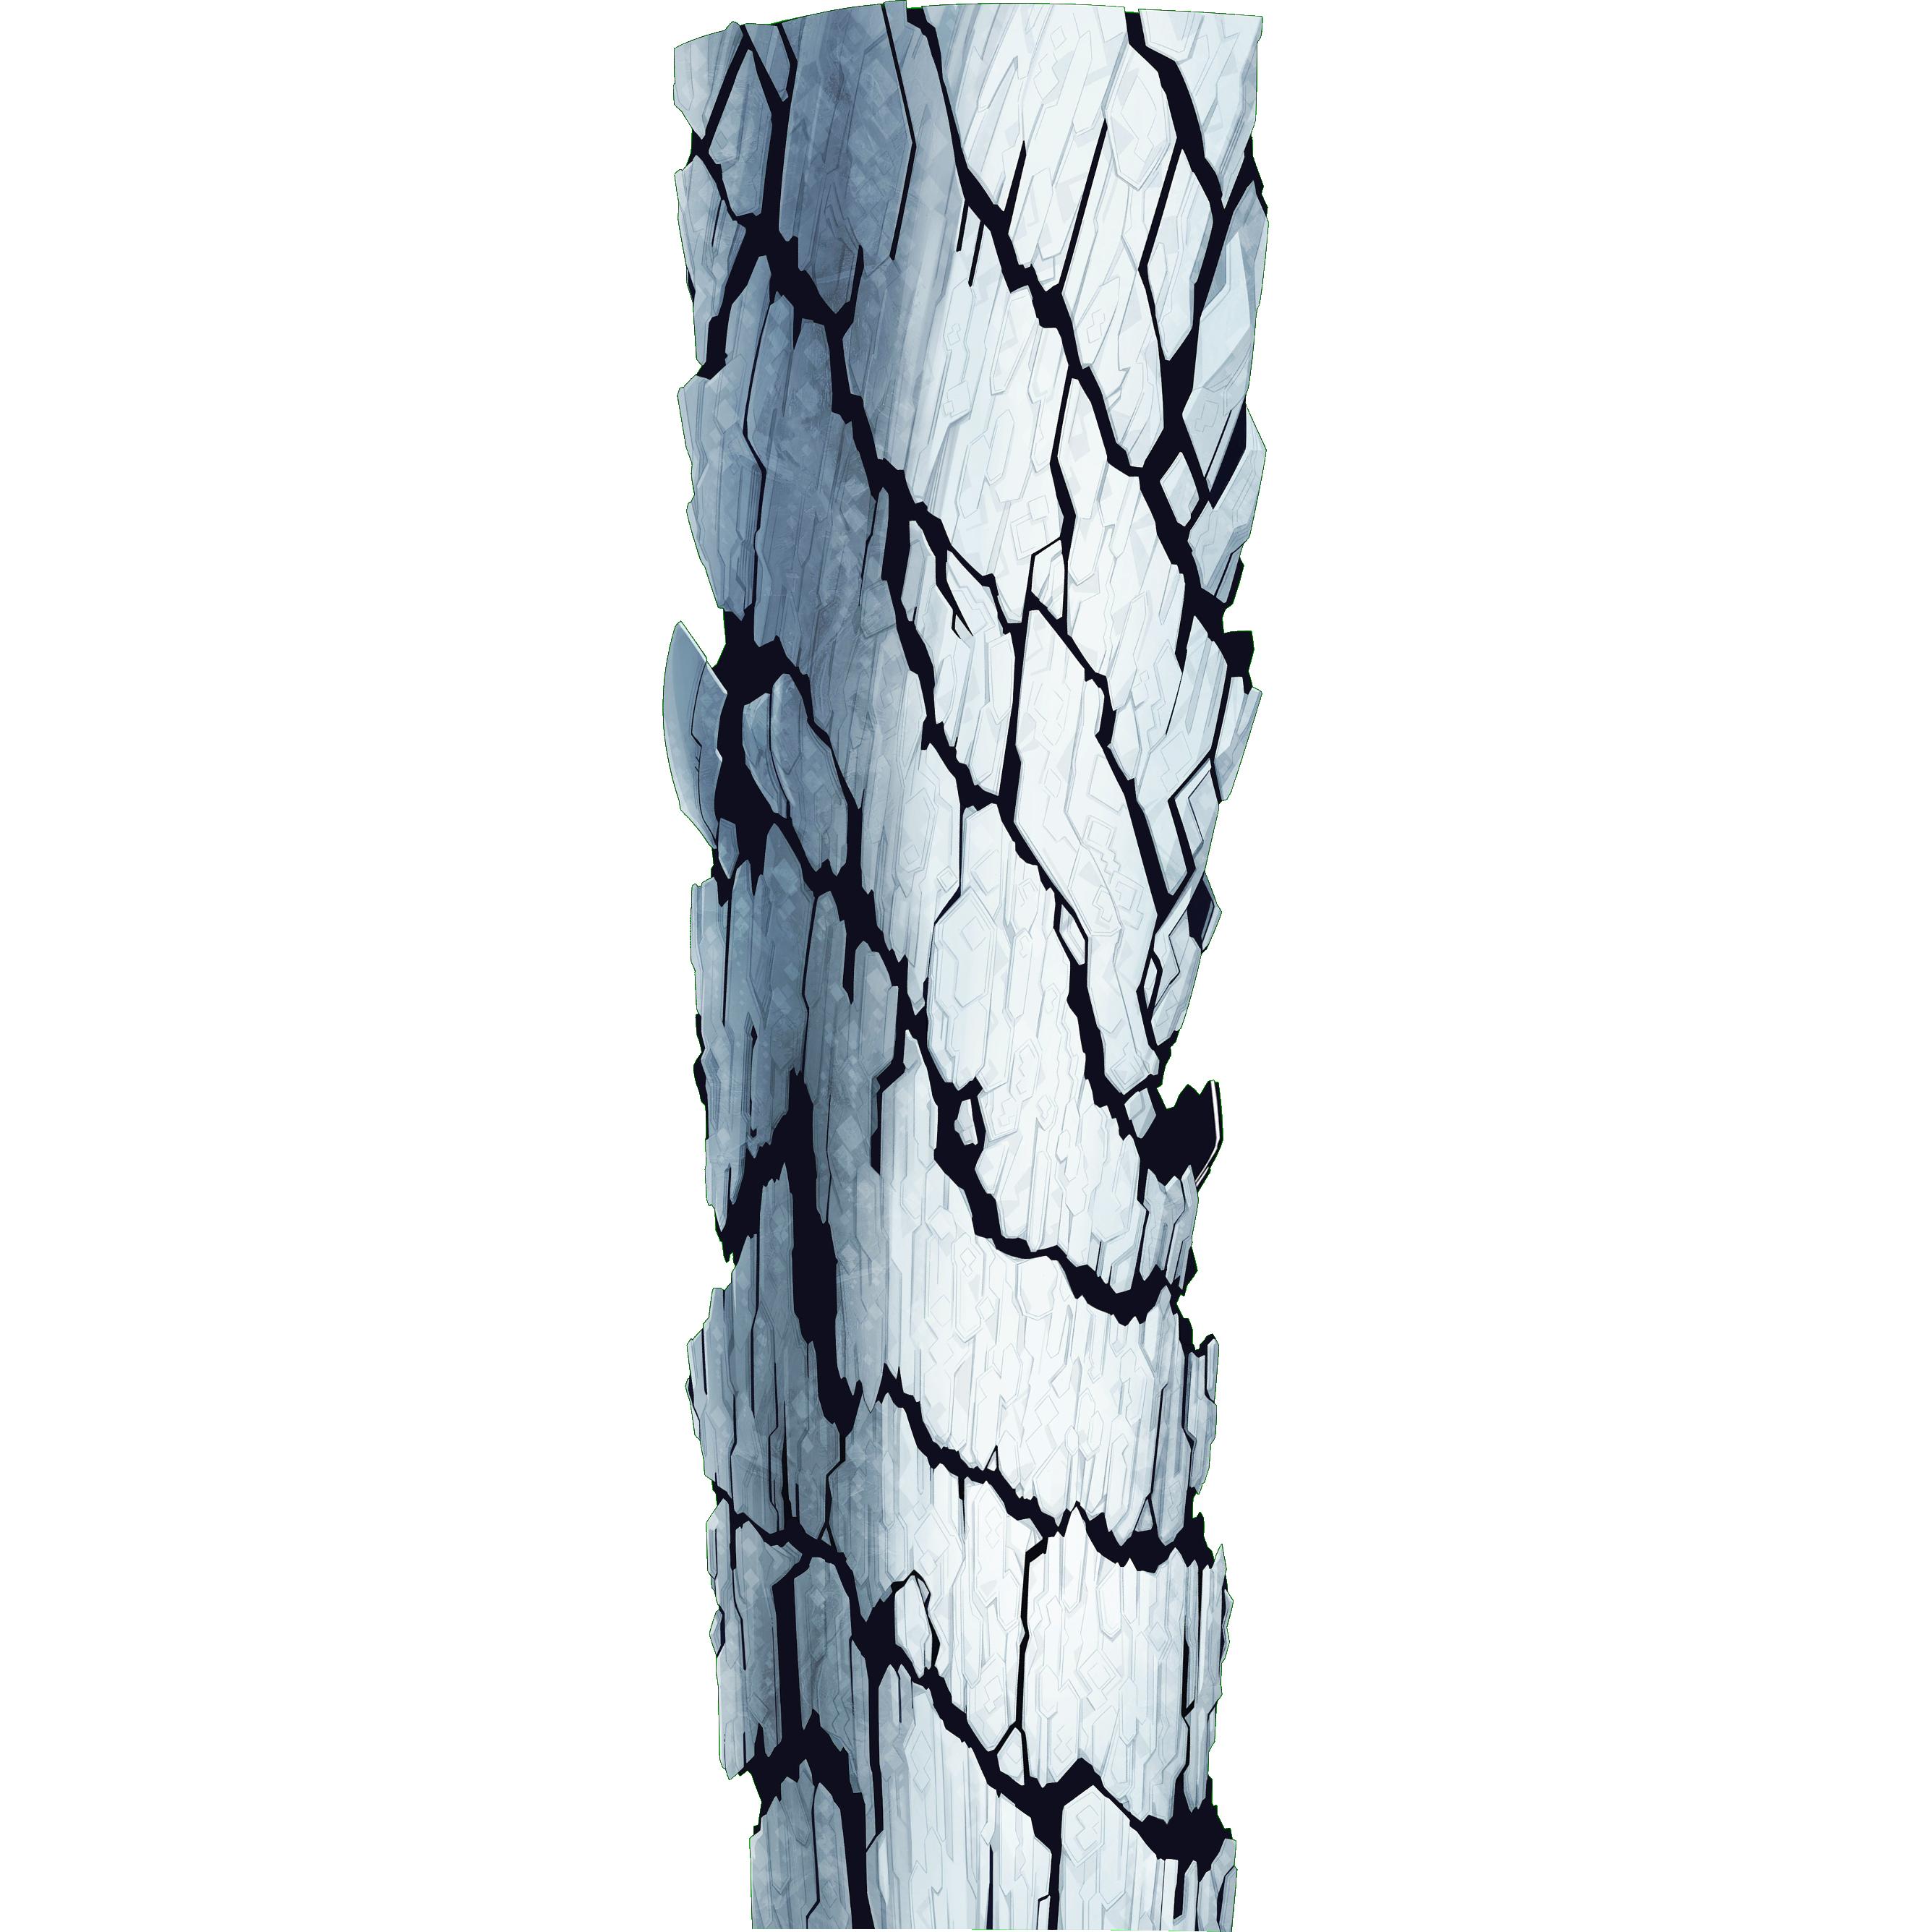 Quixotic Tree Orochi